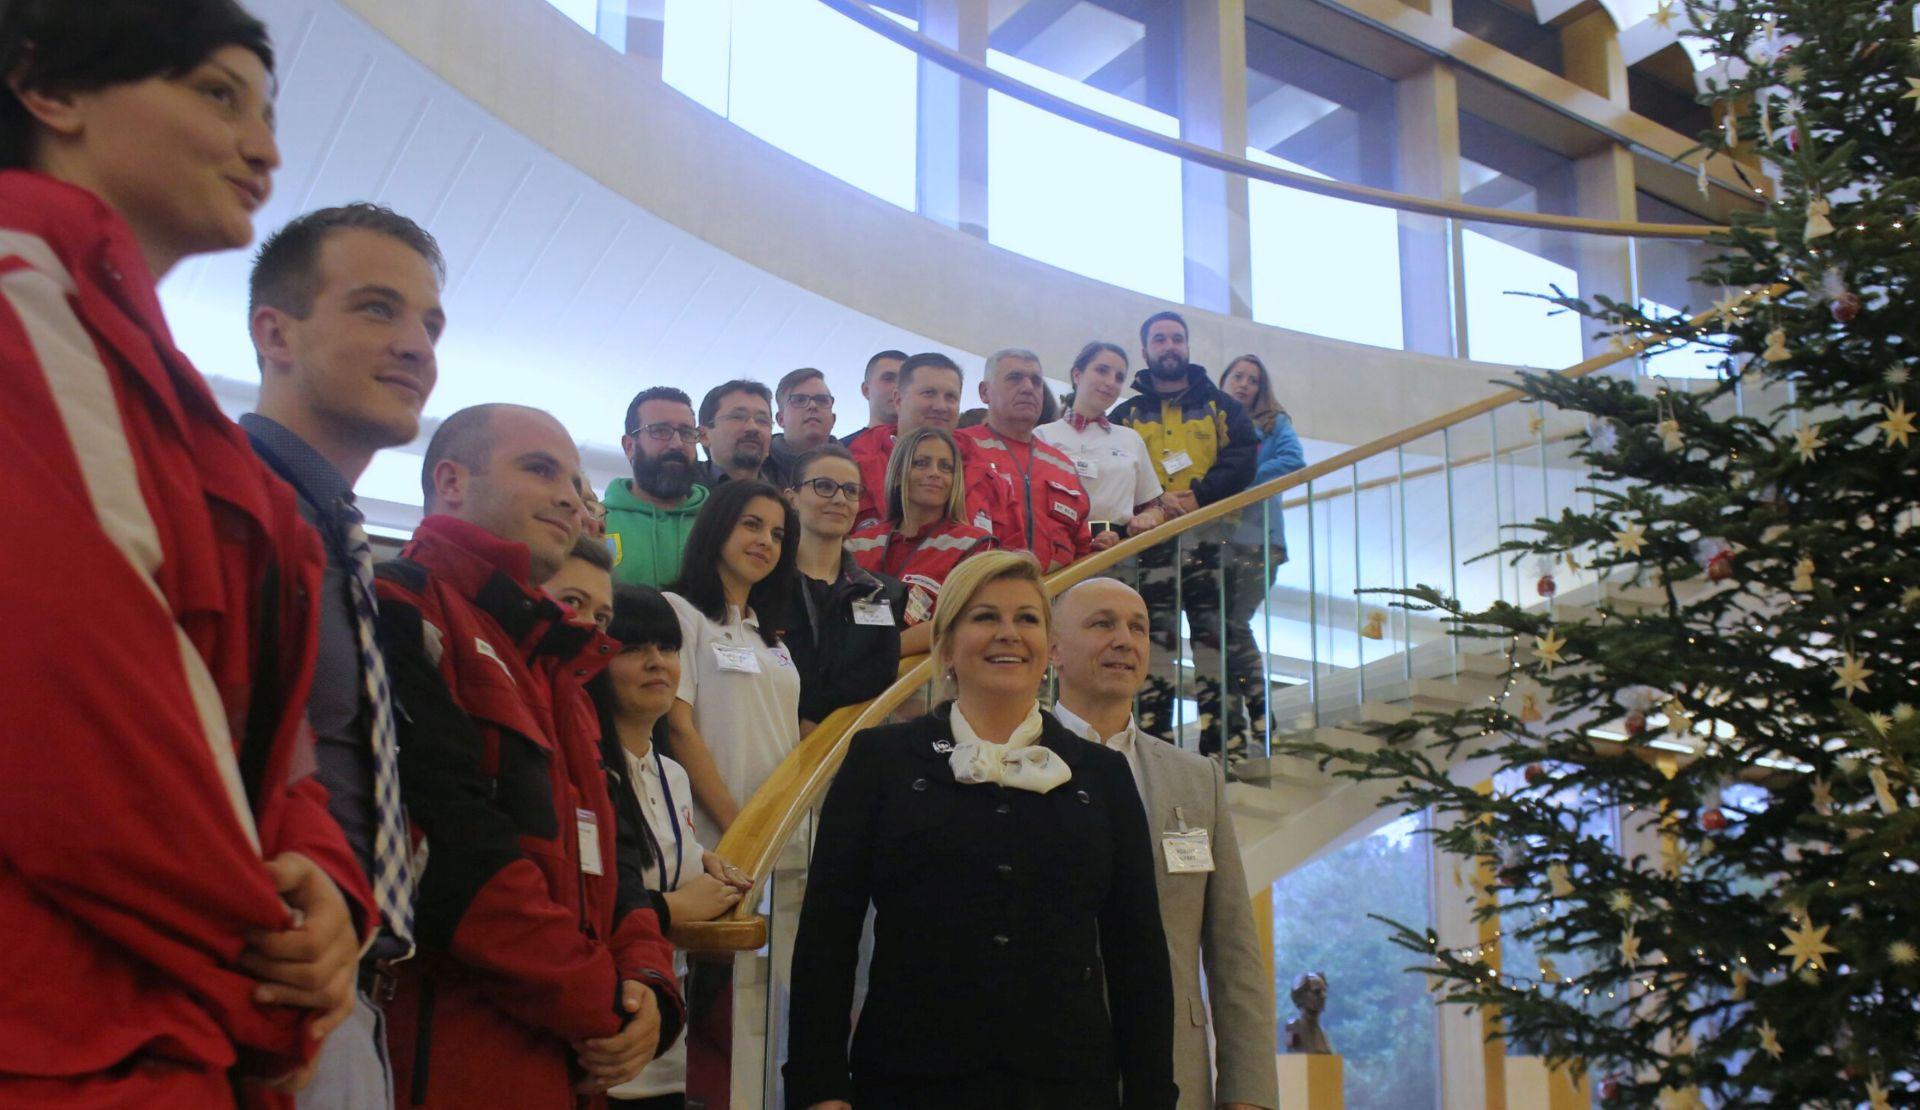 HUMANOST U HRVATSKOJ: Predsjednica Grabar-Kitarović primila volontere u povodu njihovog dana